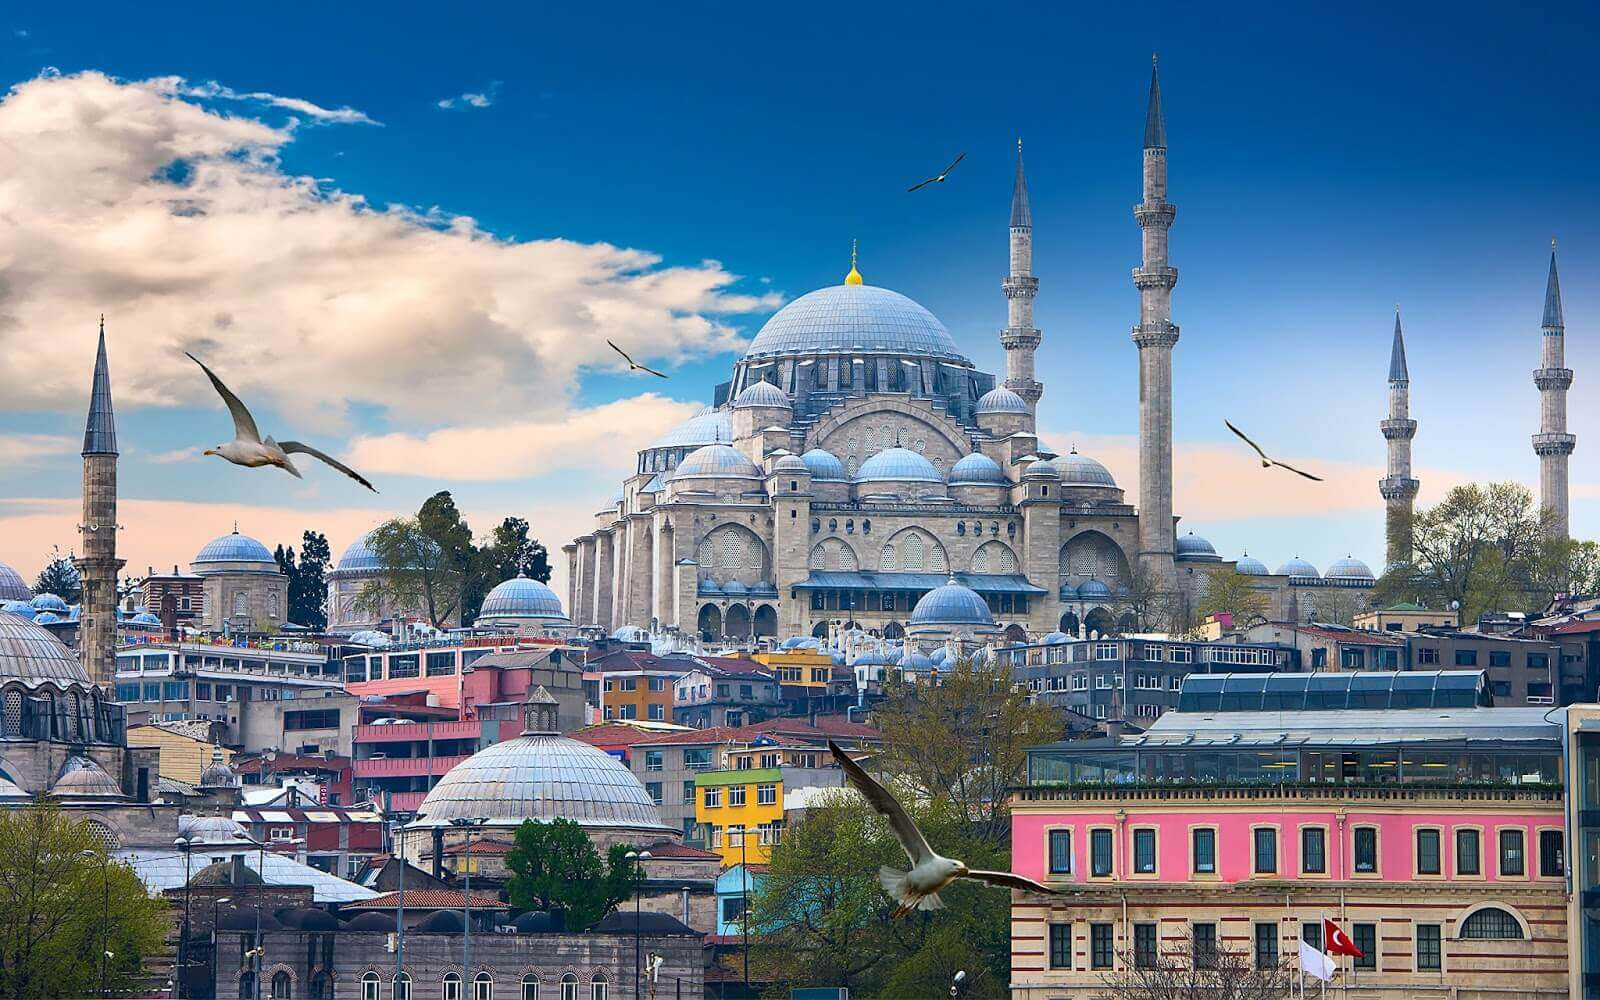 المسلسلات التركية الأكثر مشاهدة - أفضل 10 مسلسلات تركية